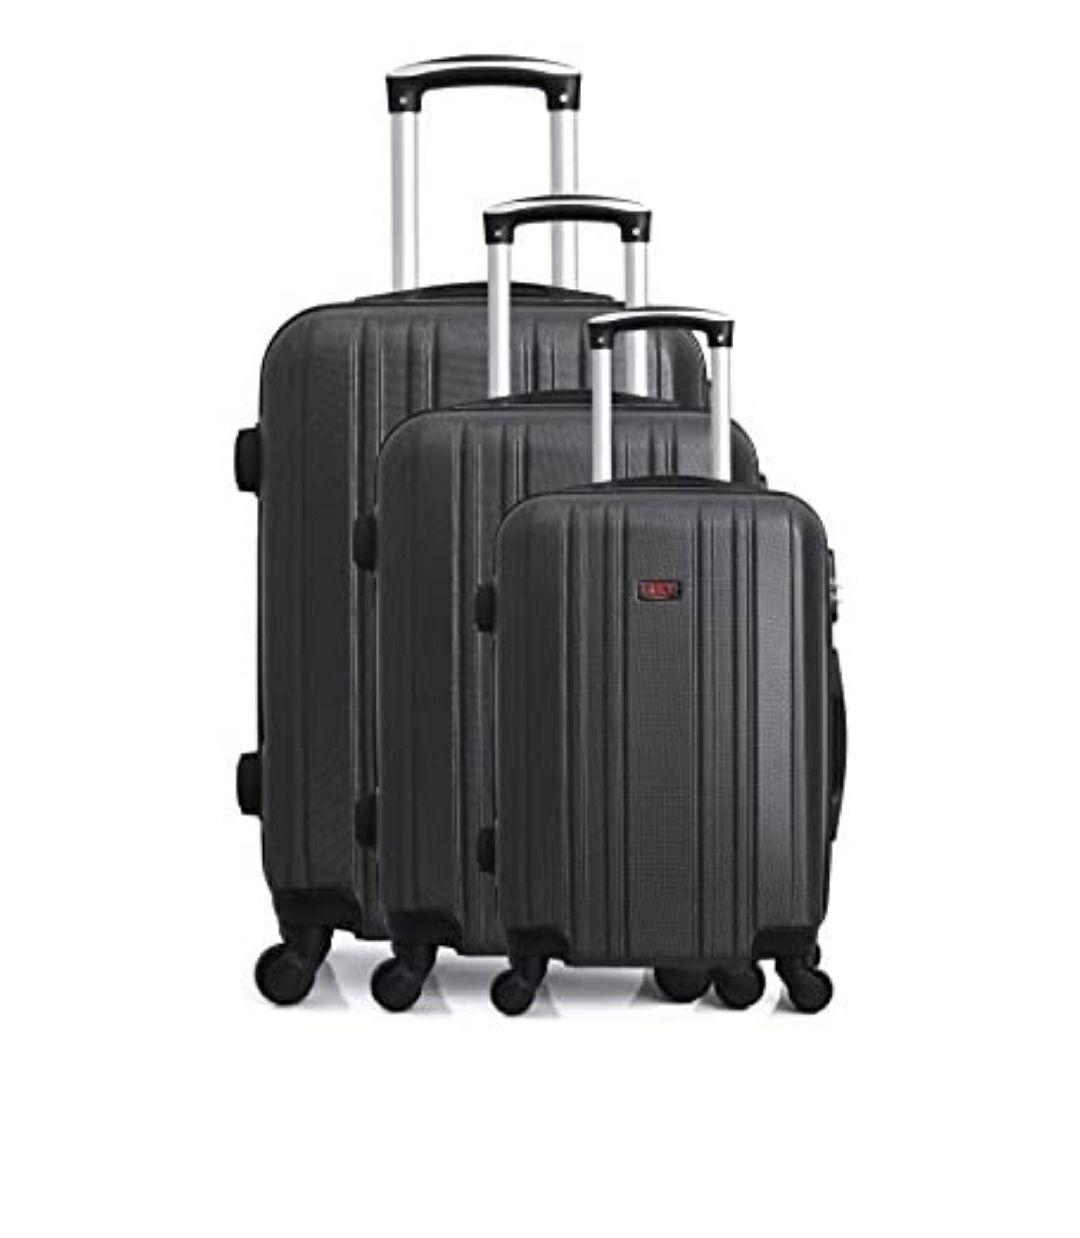 Hero Stromboli kofferset ABS set van 3